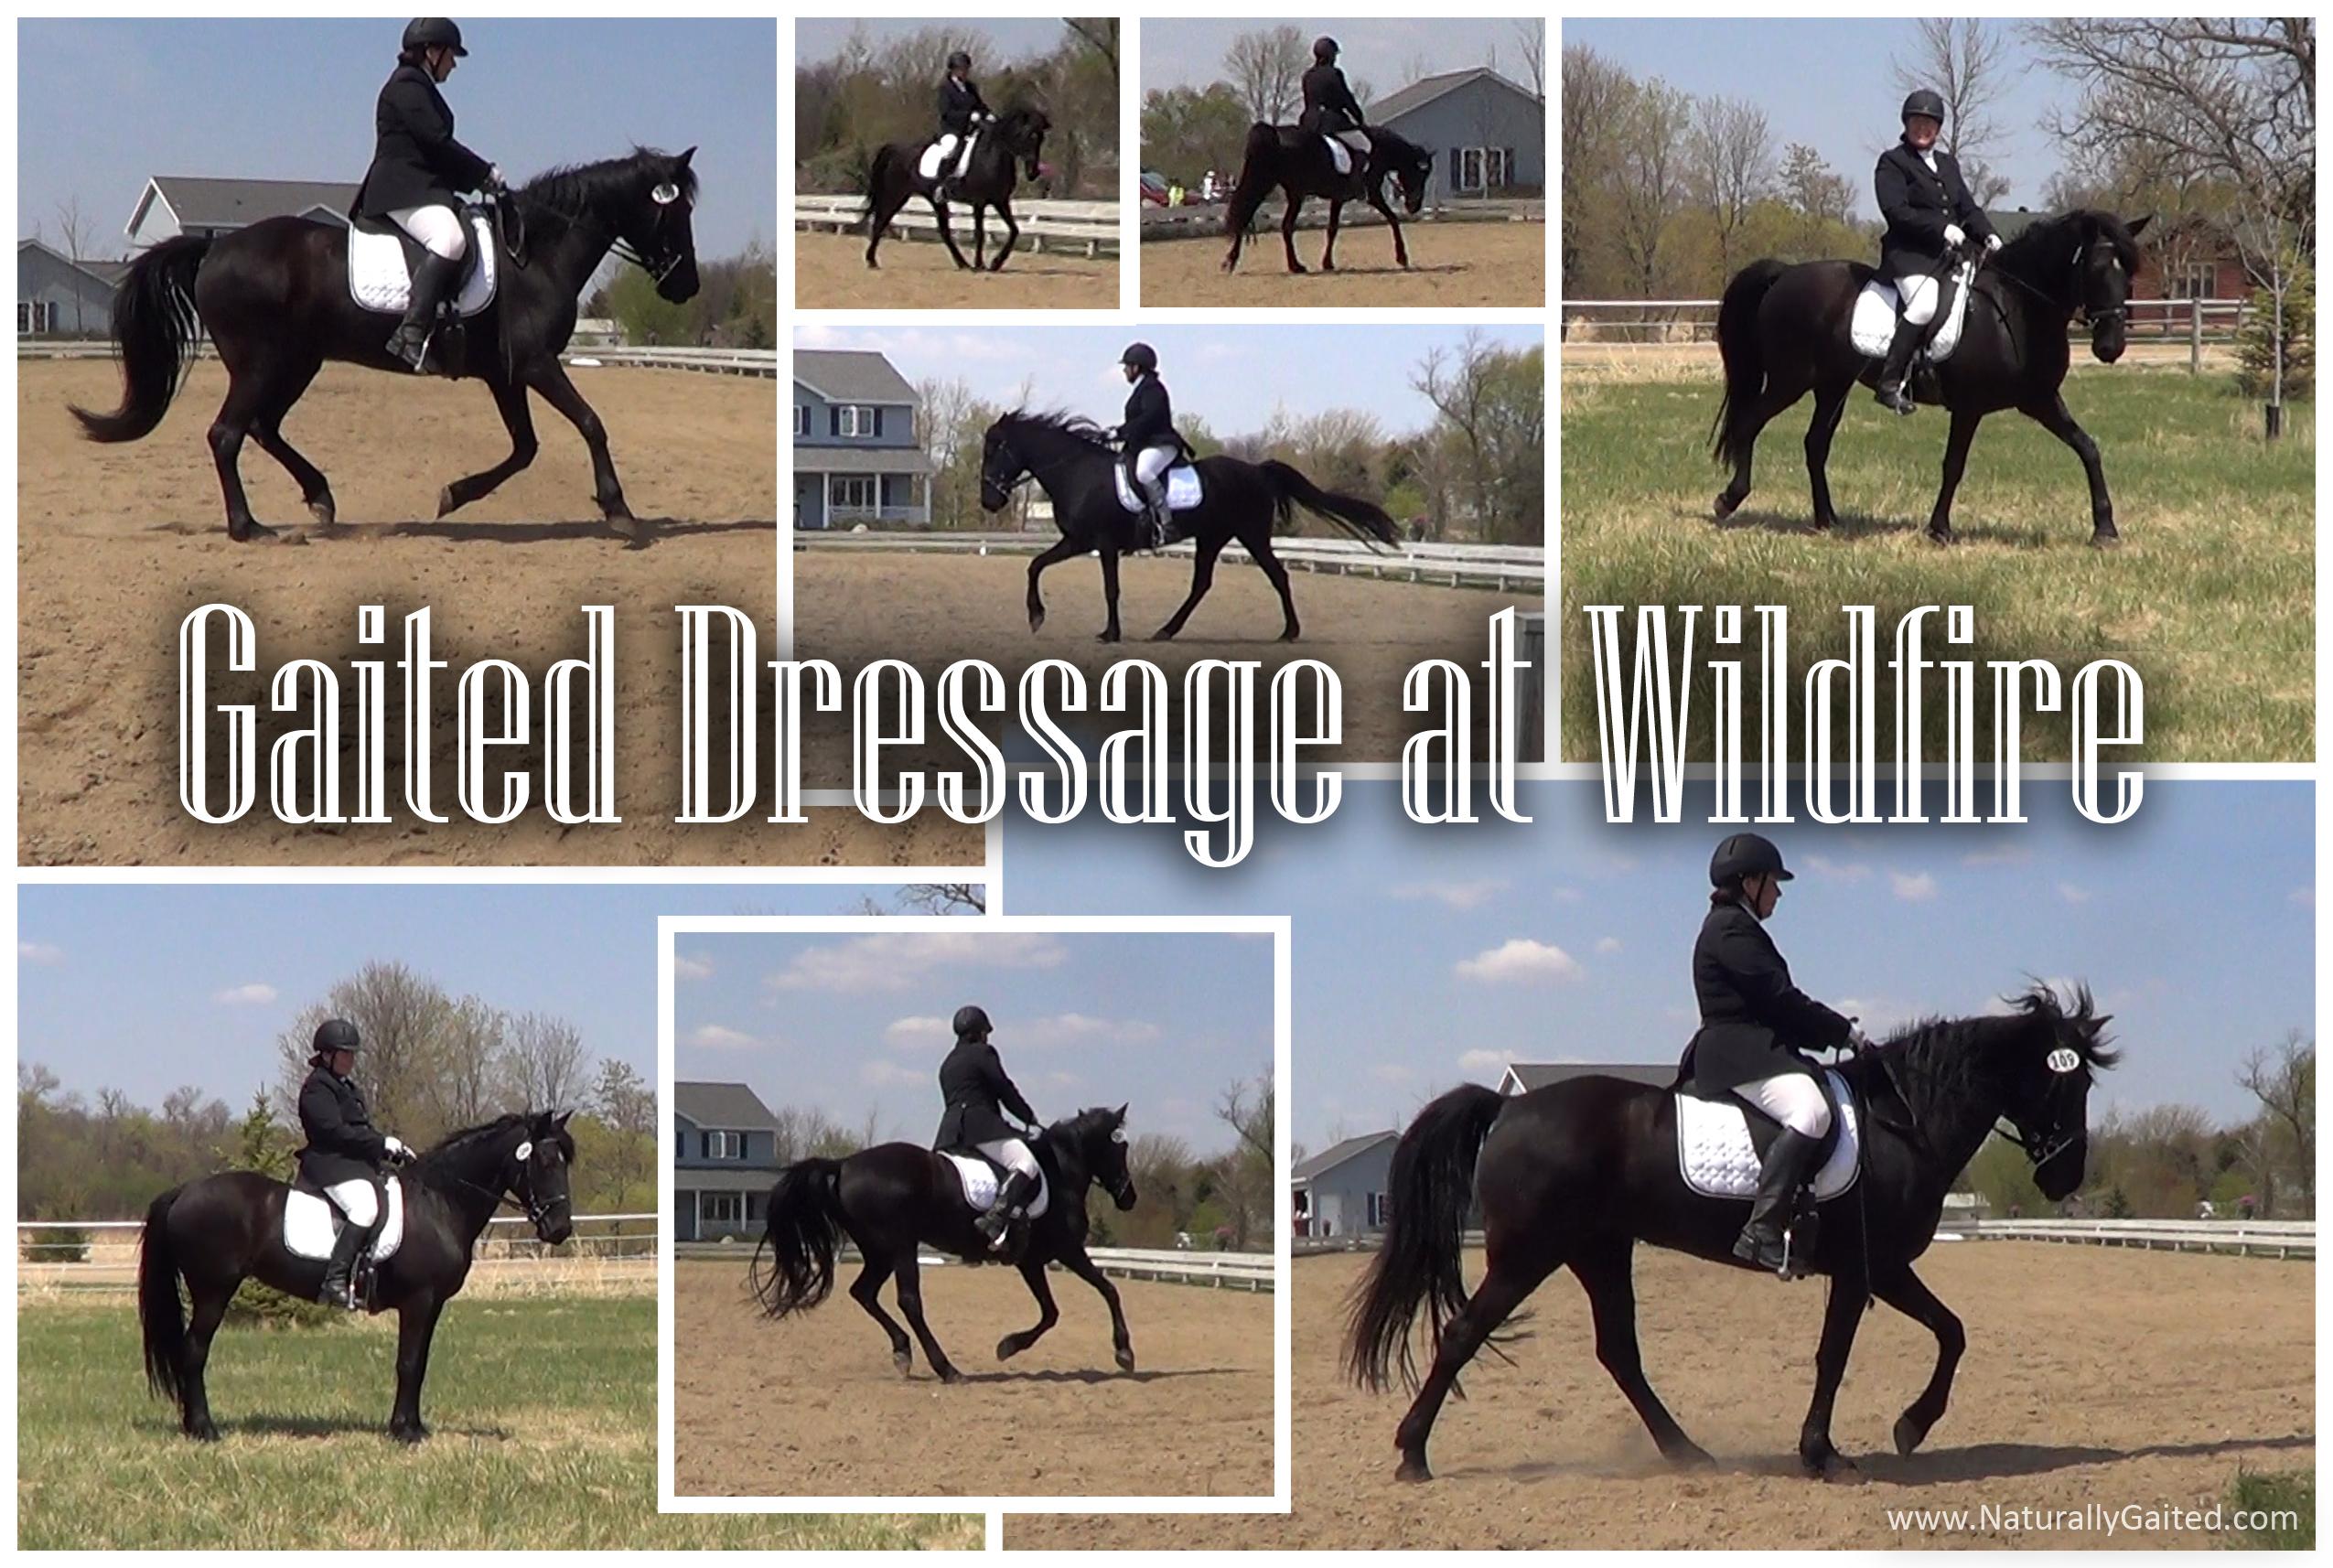 Gaited Dressage at Wildfire